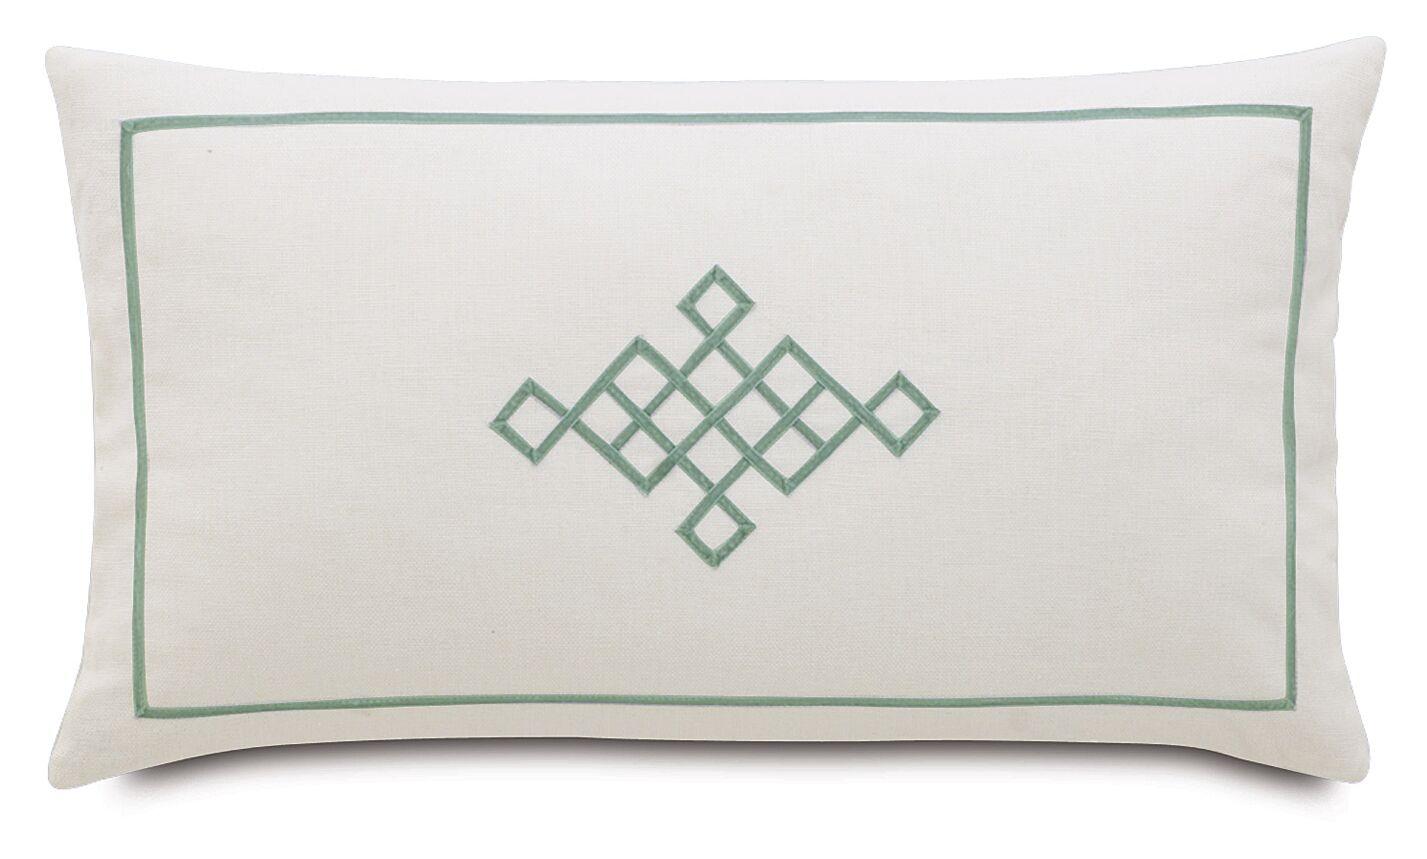 Magnolia Ribbon Design Lumbar Pillow